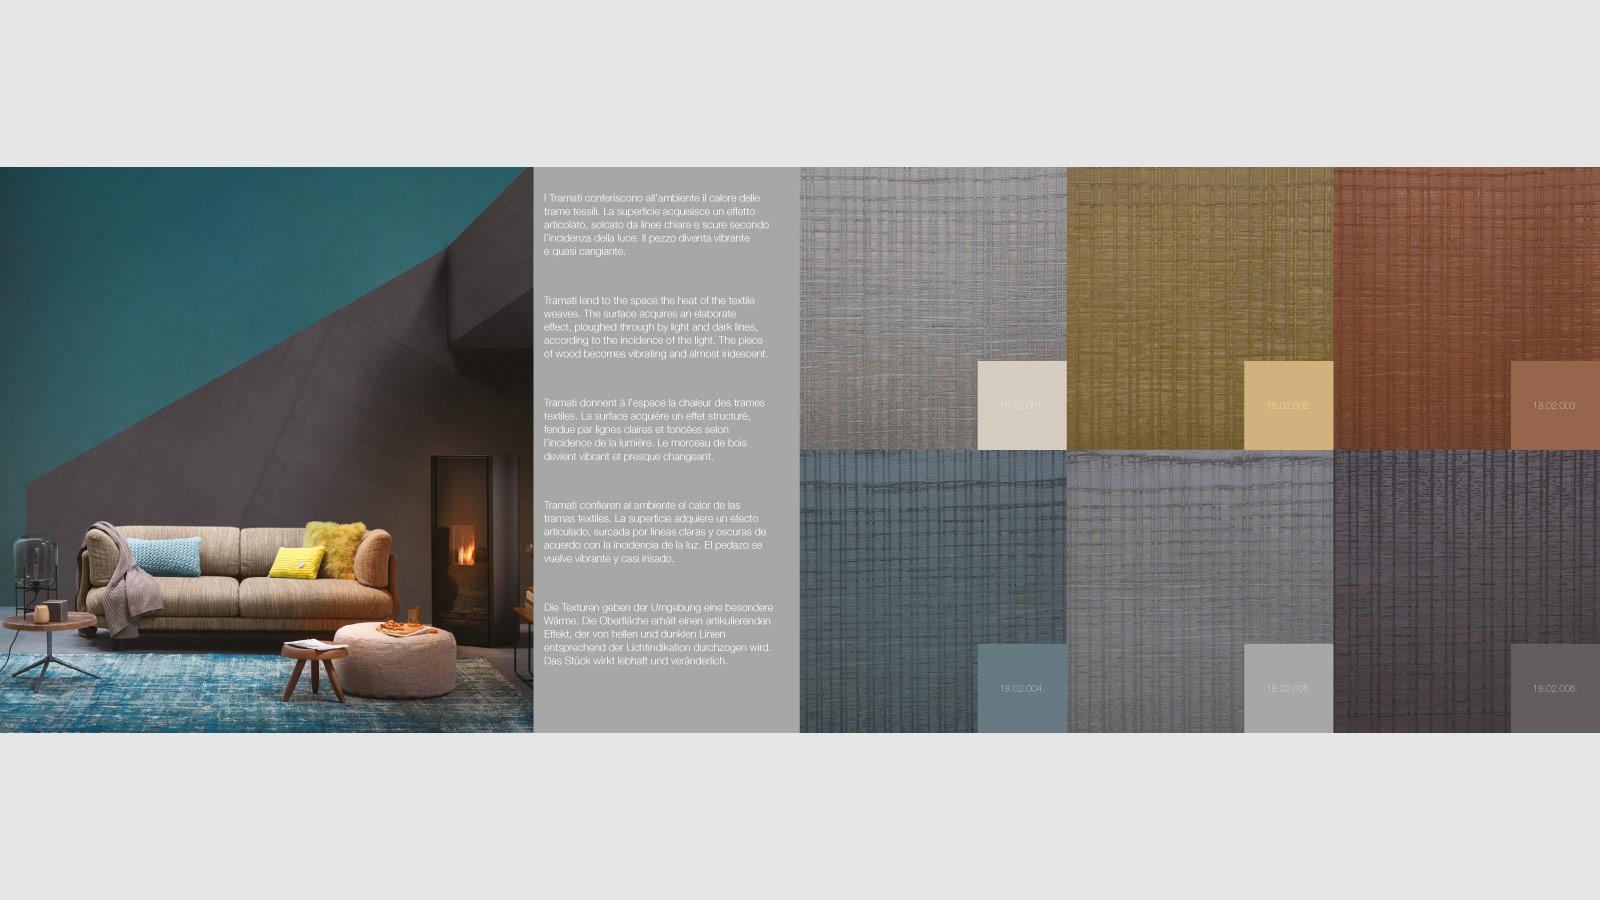 consulenza-colore-color-tunes-book-armonie-sfumati-foto-renner-2